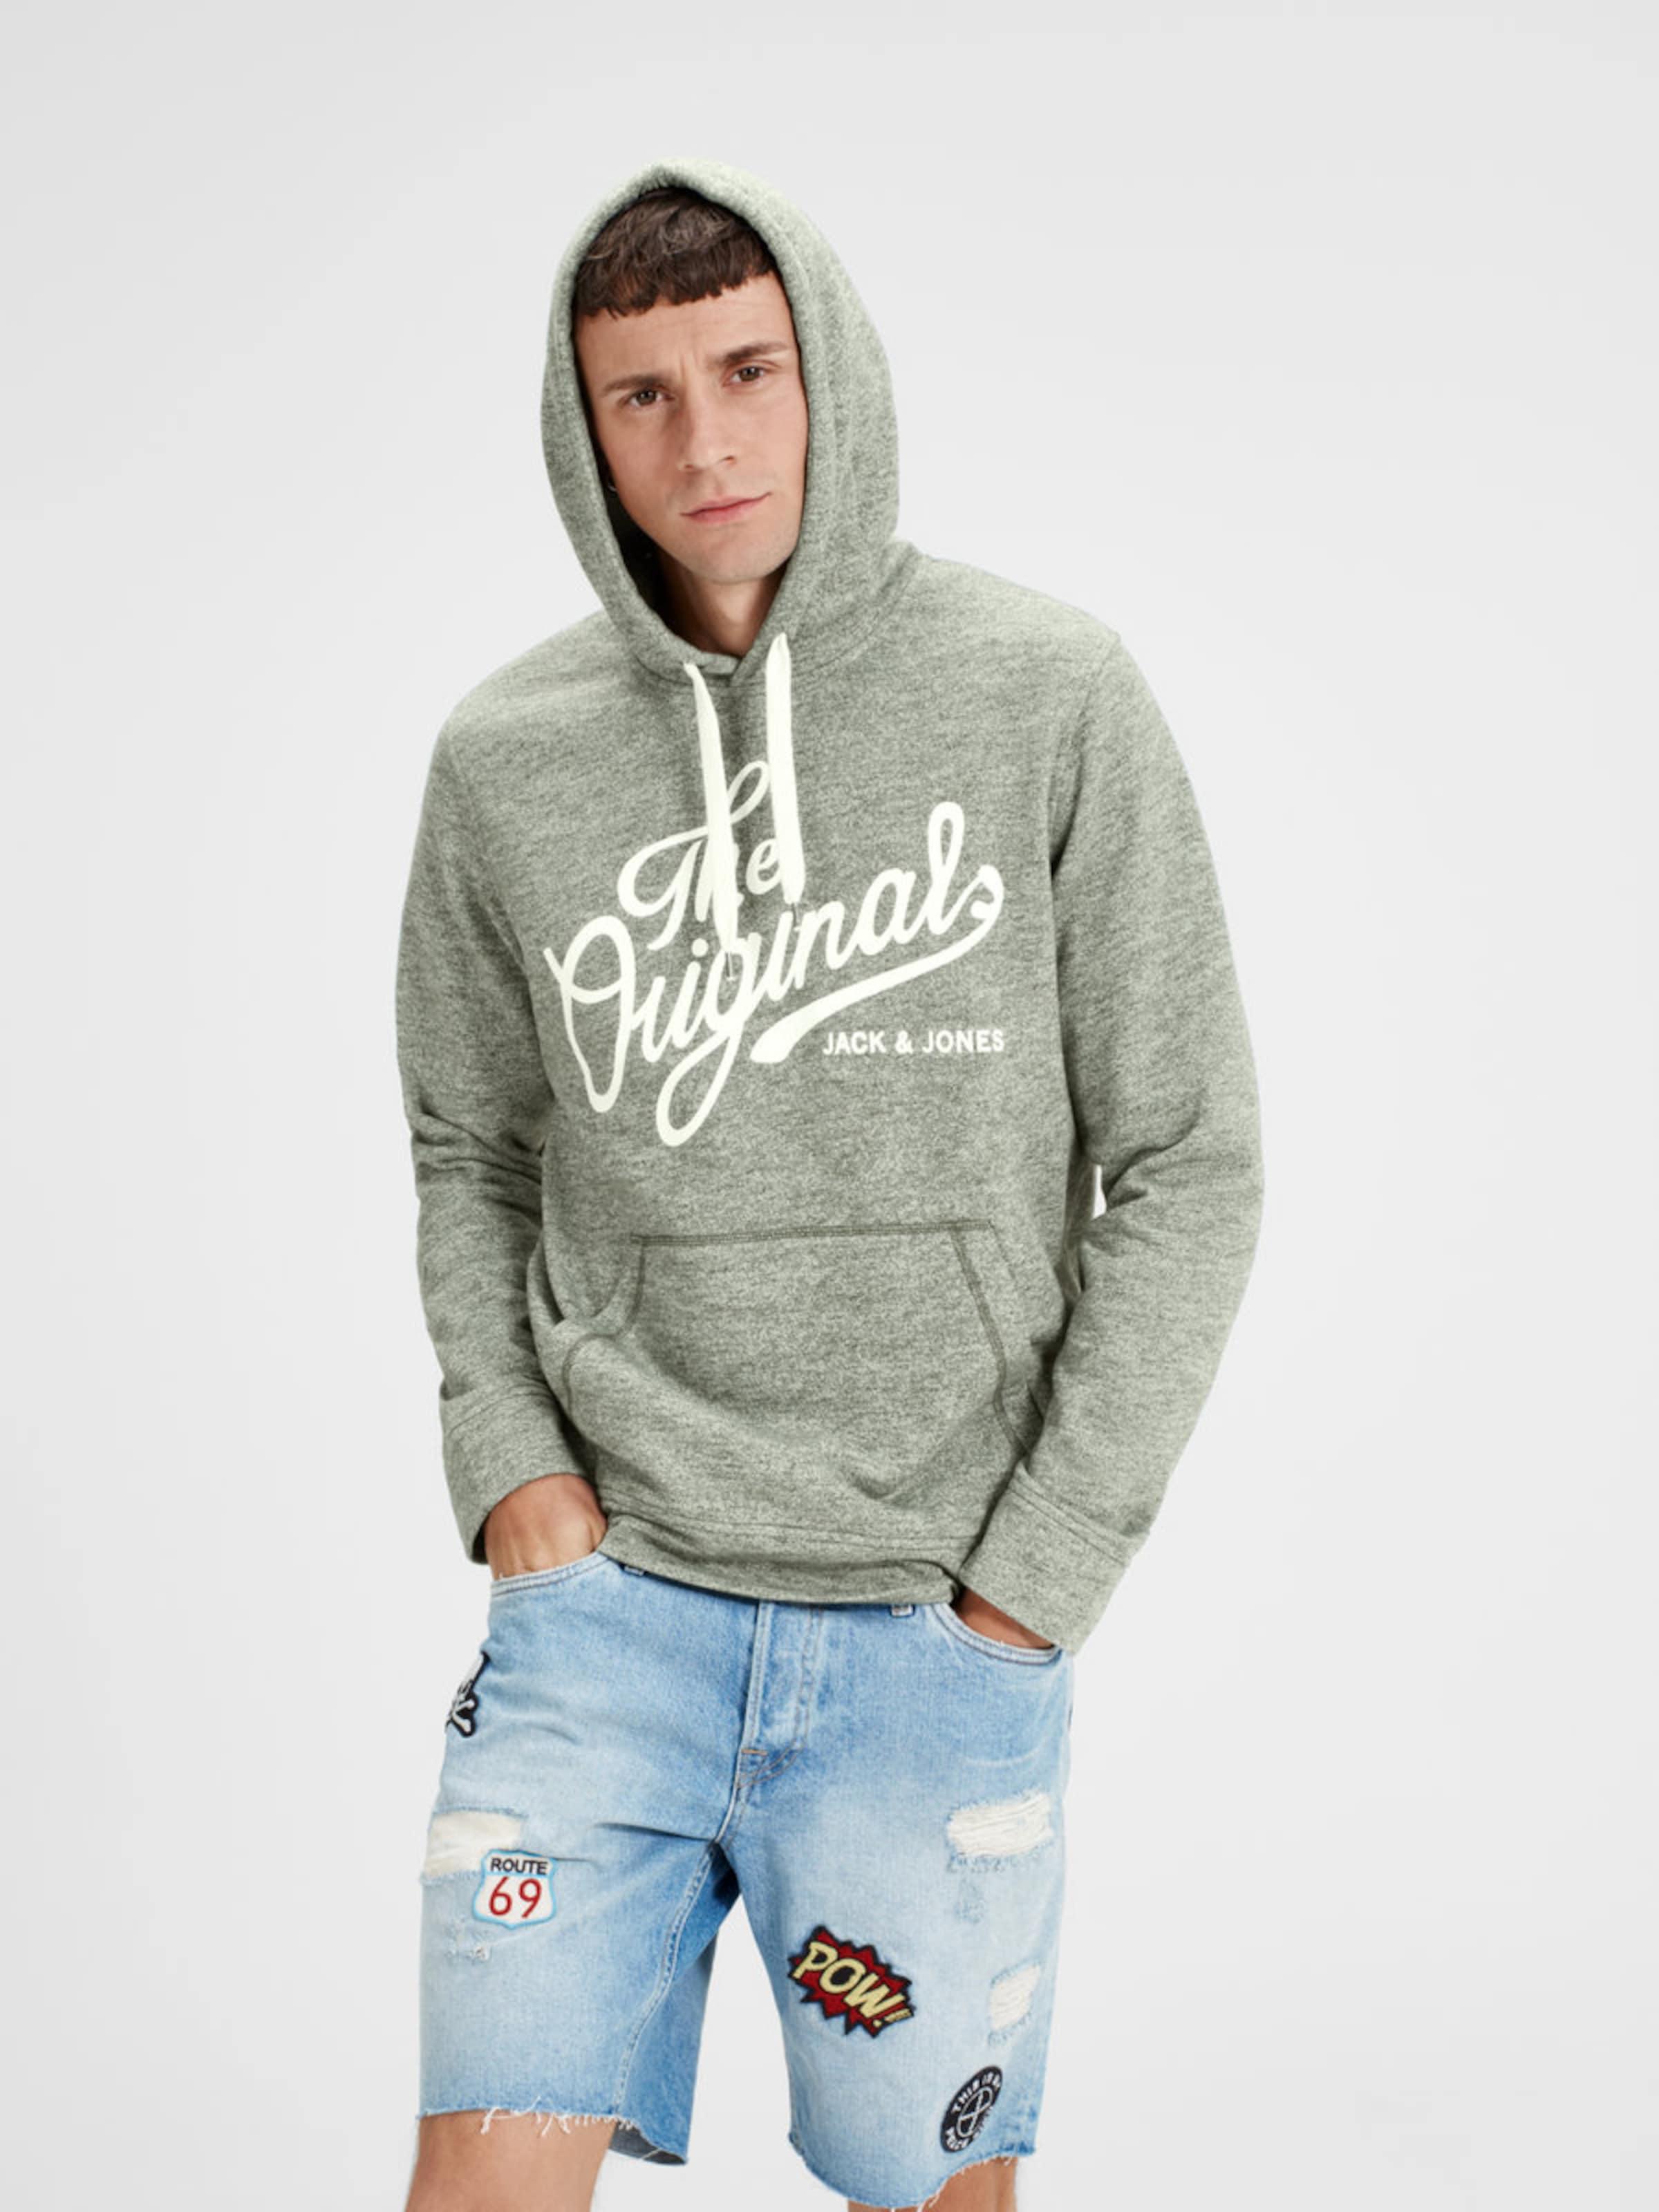 Günstig Kaufen Offiziellen Erhalten Authentische Online JACK & JONES Sweatshirt Freies Modernes Verschiffen Rabatt-Shop GnANdYhXEJ